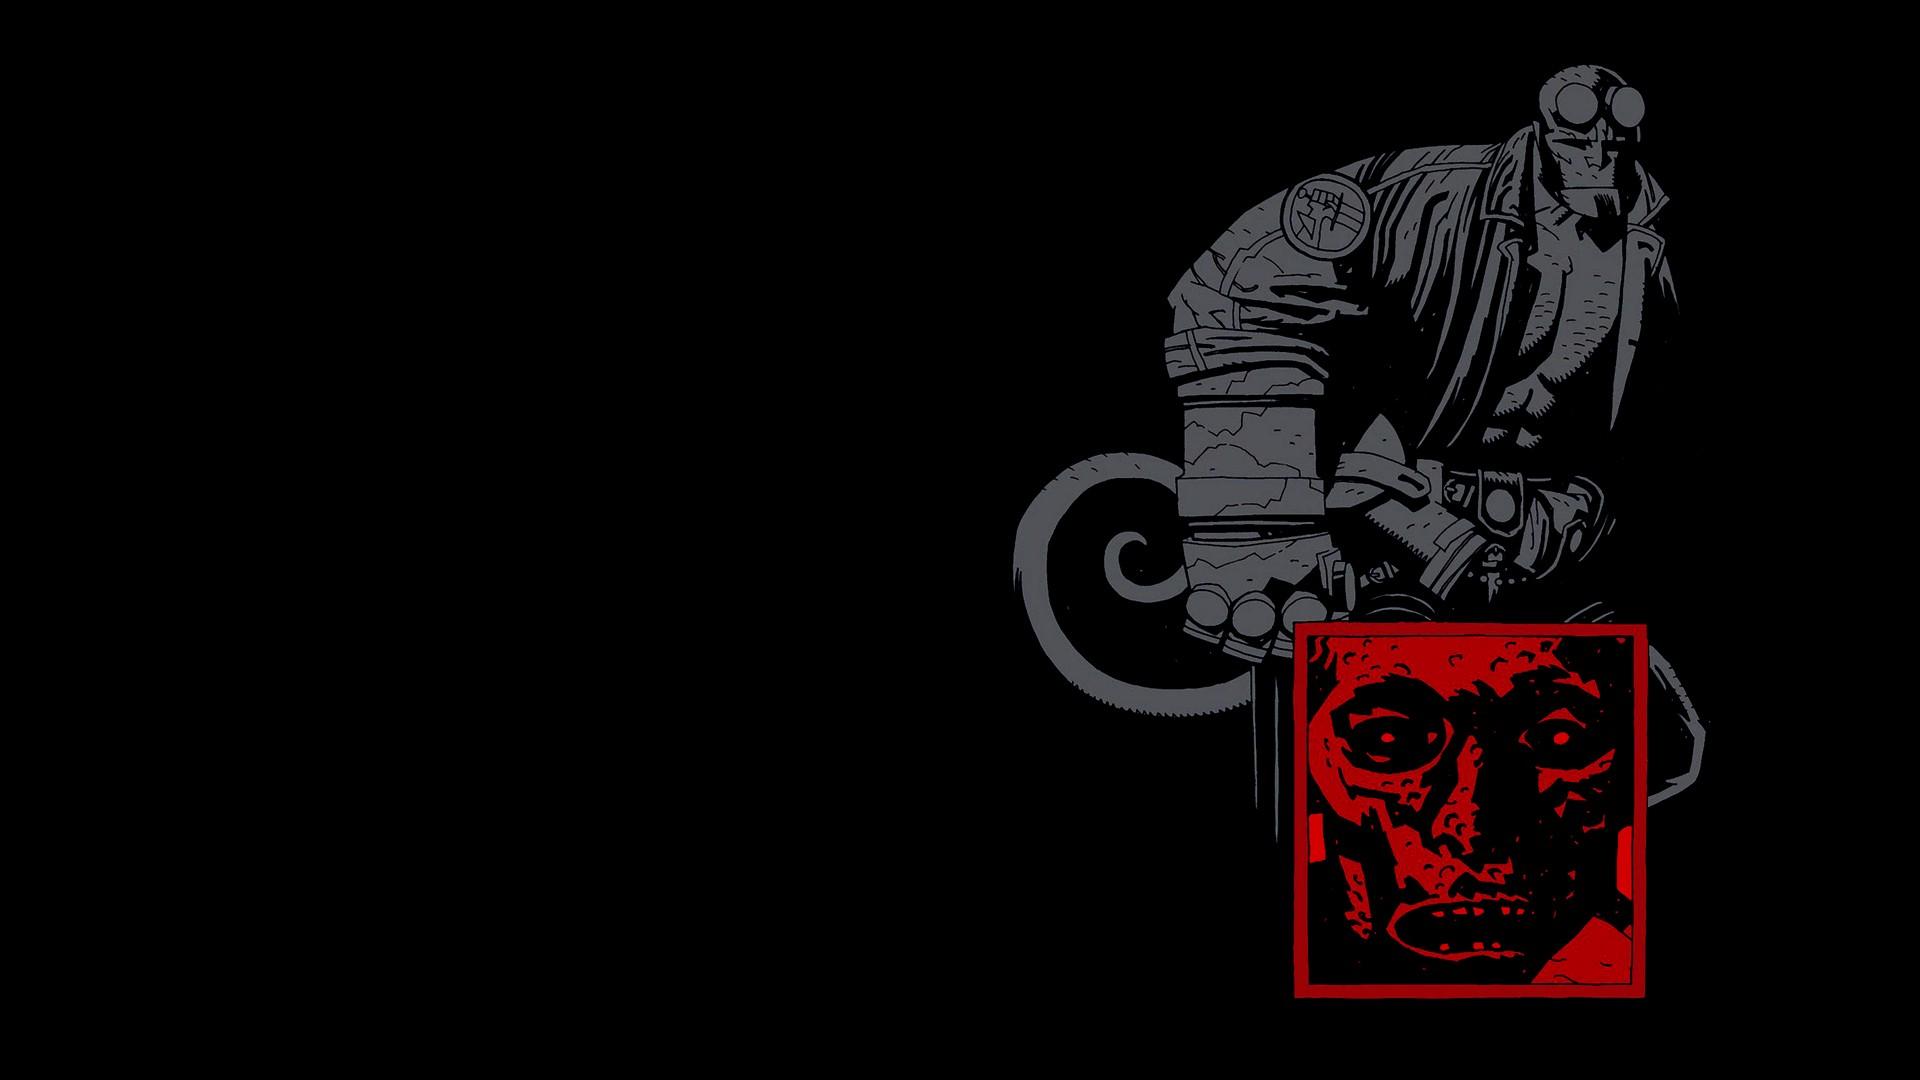 hellboy computer wallpapers desktop backgrounds